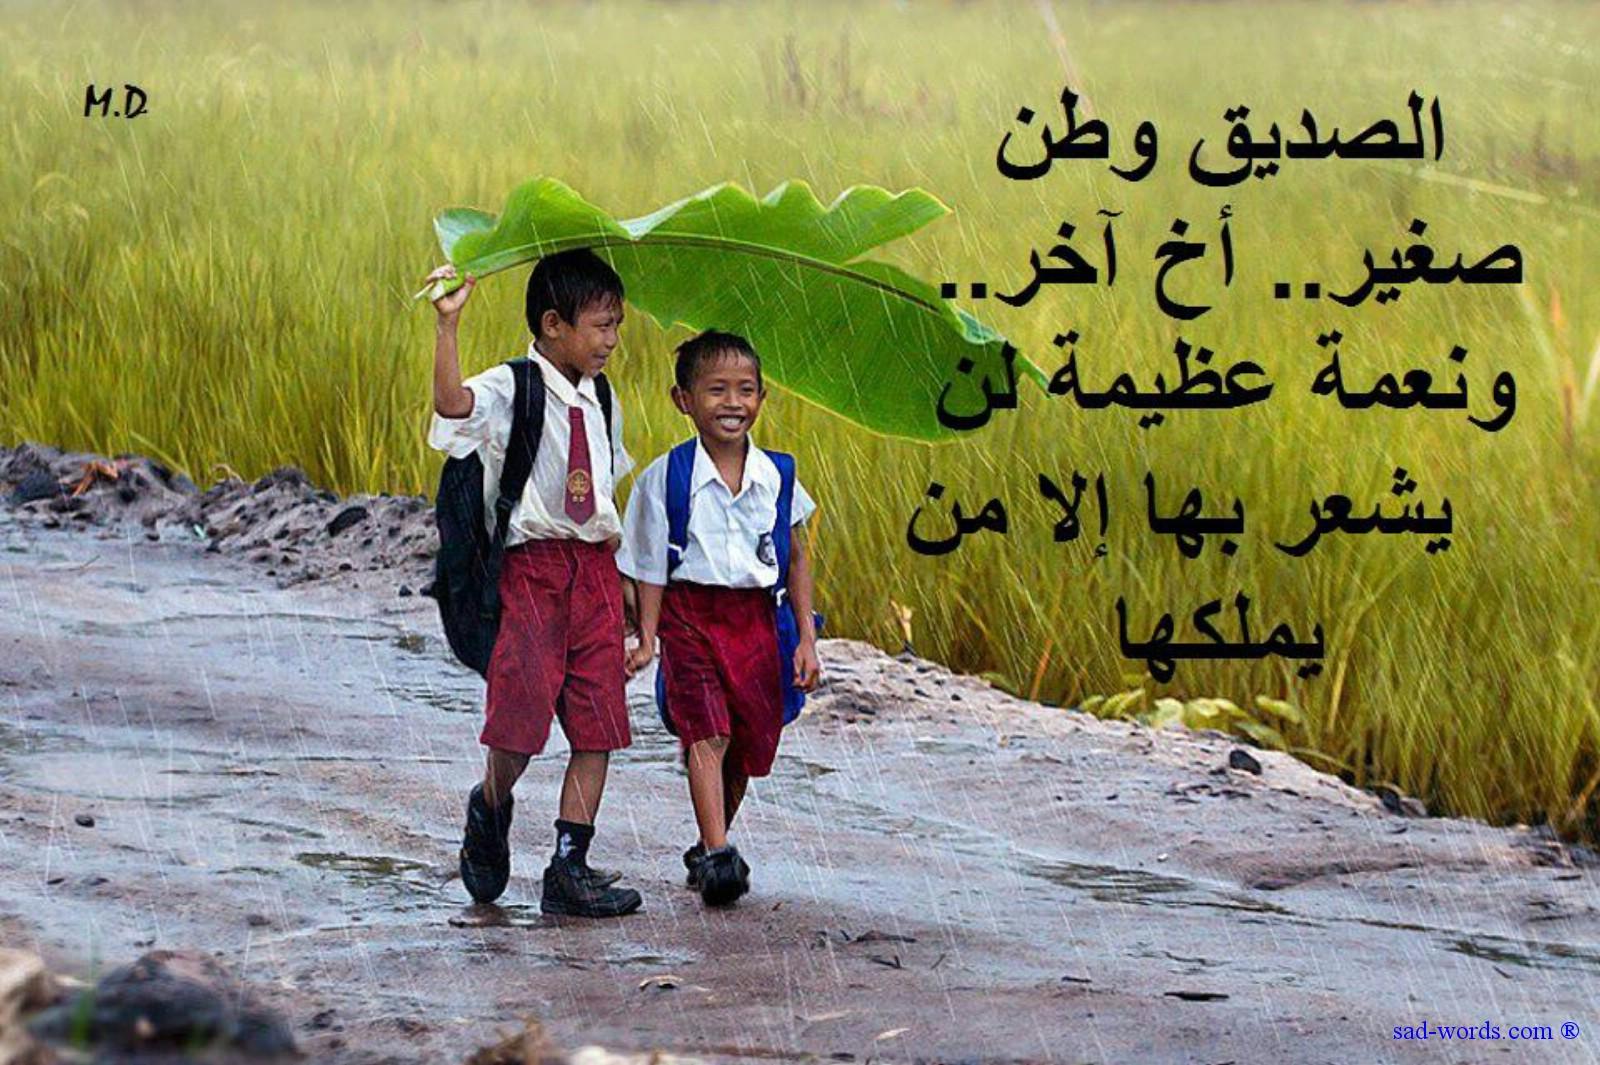 صوره صور كلام رائع صور خلفيات مكتوب عليها كلام رائع ومميزه